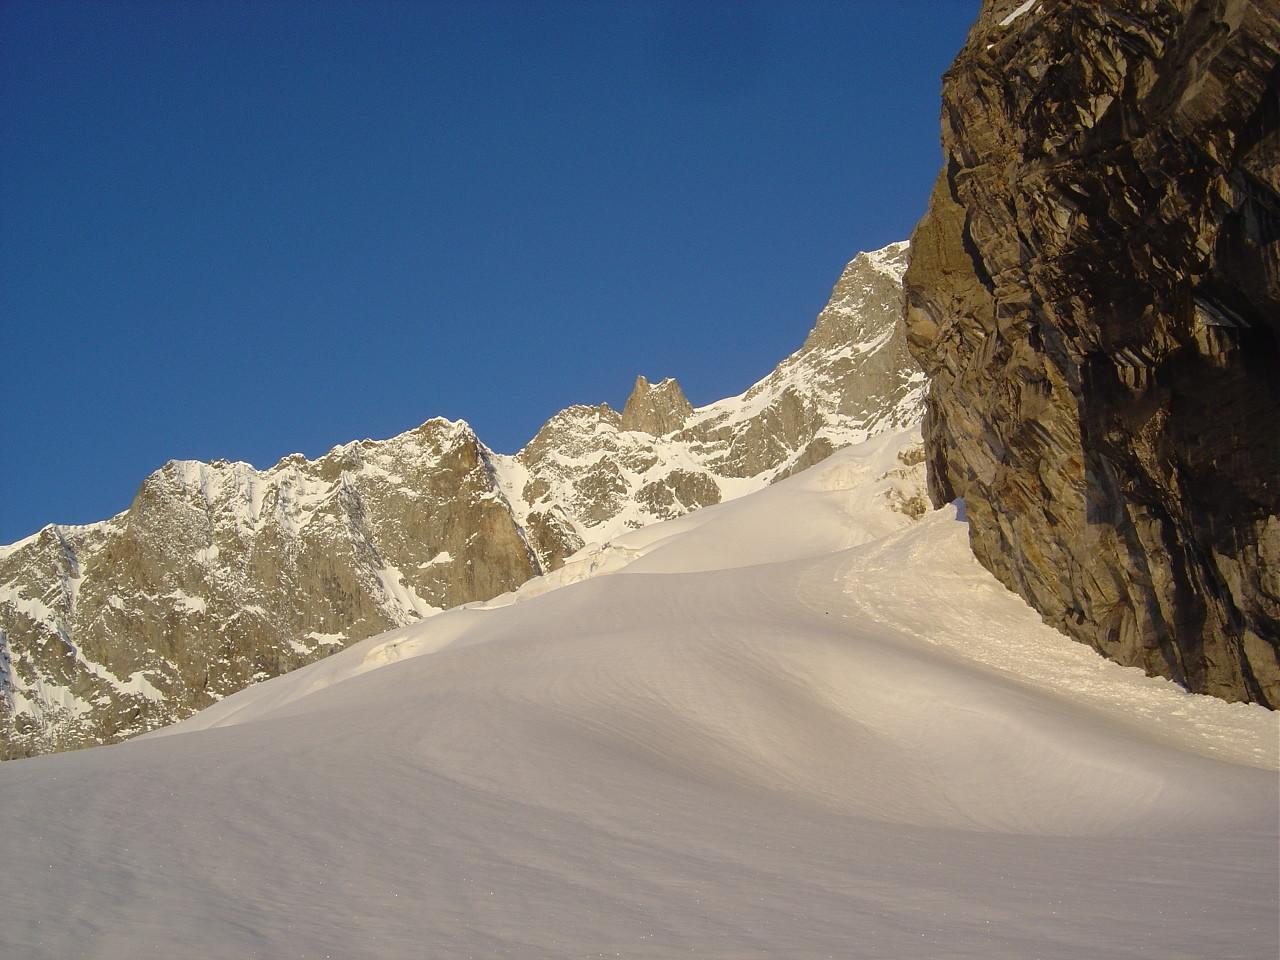 La rive gauche du glacier du Dolent, un peu au-dessus du bivouac du Dolent.